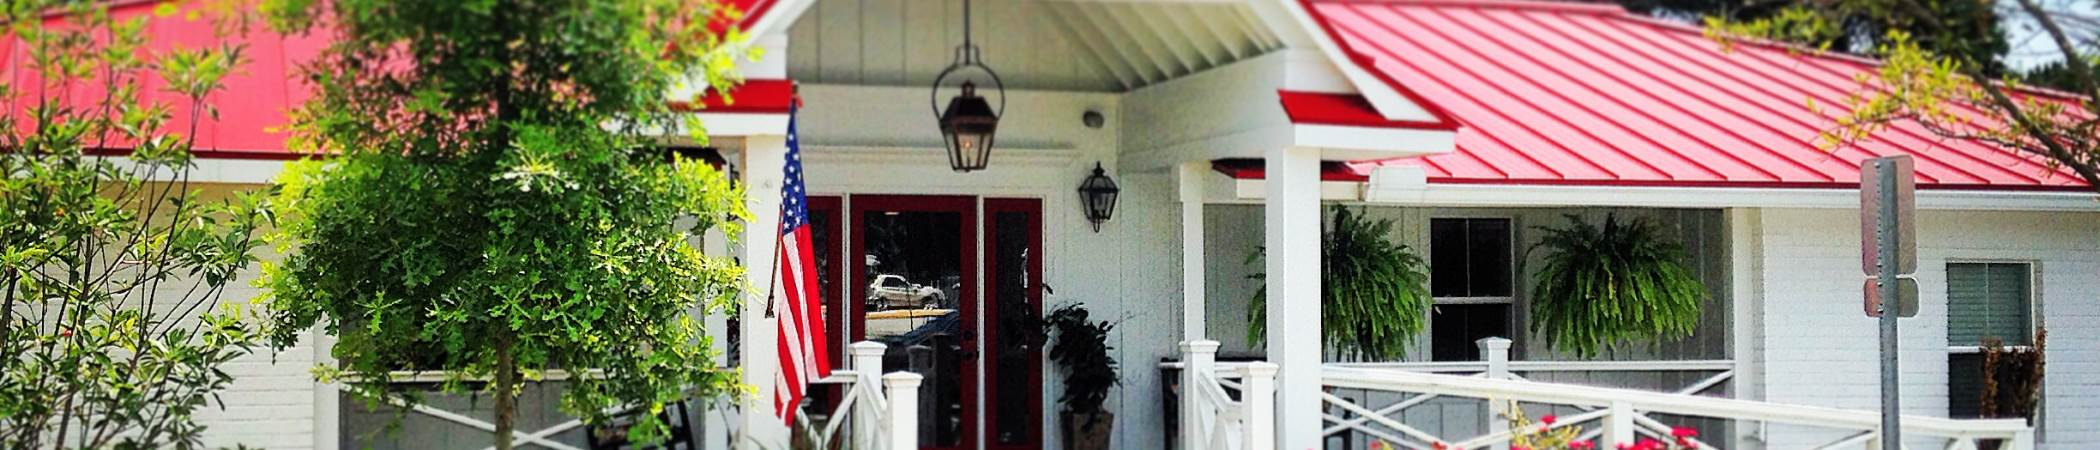 Heather Bosse State Farm Insurance in Mt Pleasant, SC | Home, Auto Insurance & more